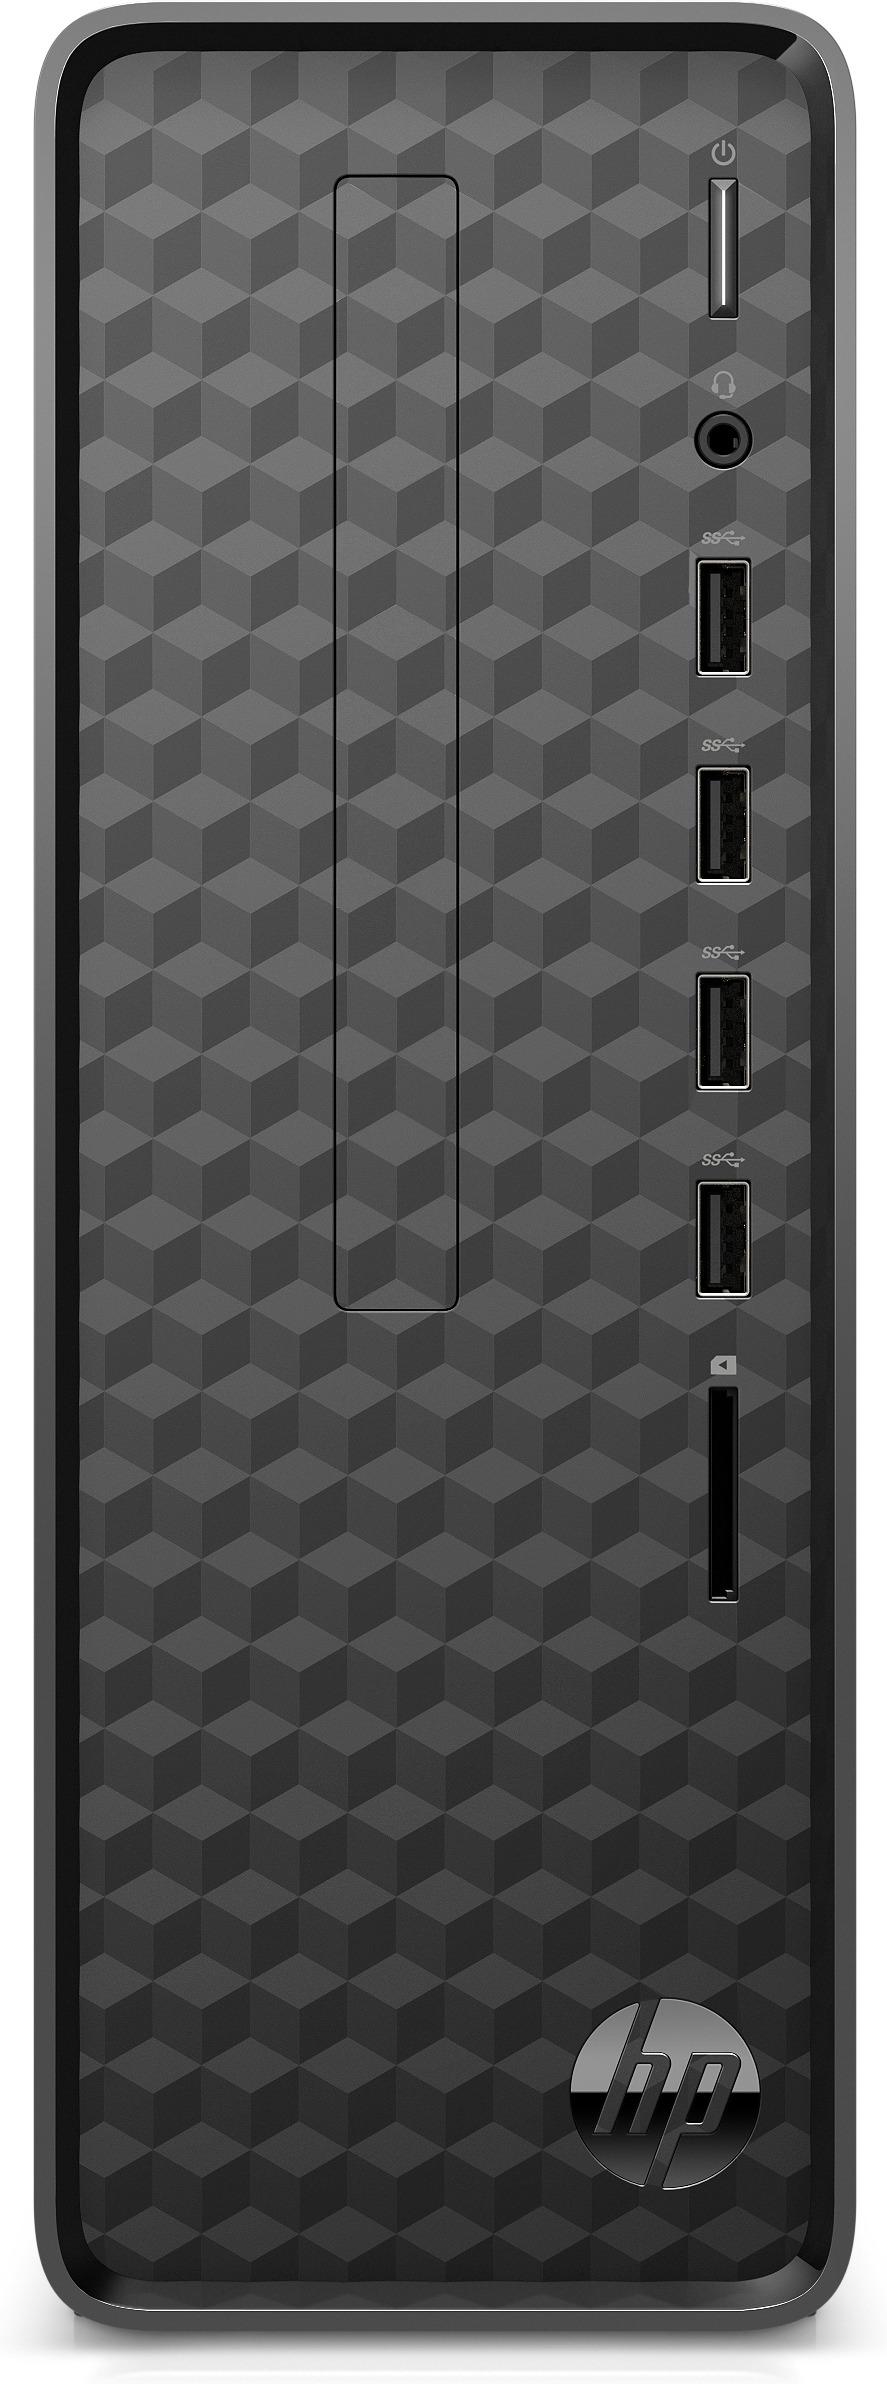 HP Slim S01-aF1001nd Desktop